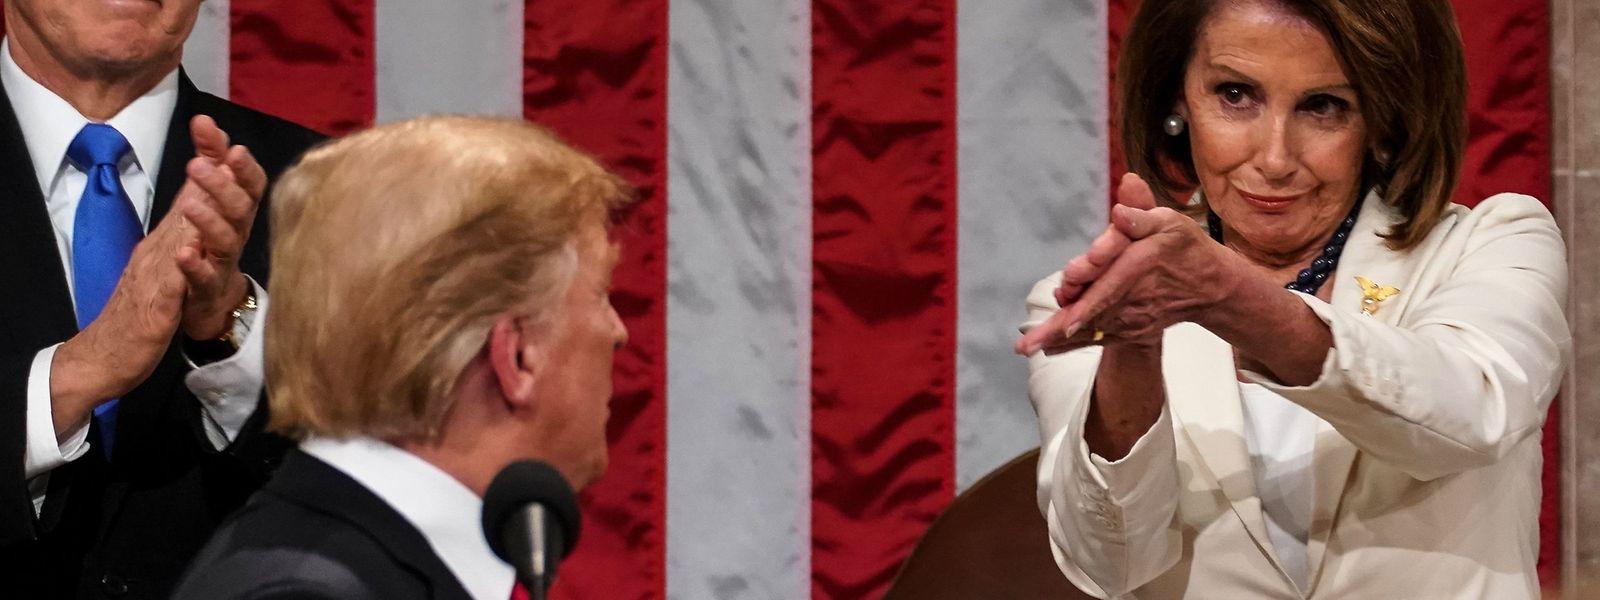 Donald Trump ist auf die Unterstützung von Nancy Pelosis demokratischen Parteikollegen angewiesen.